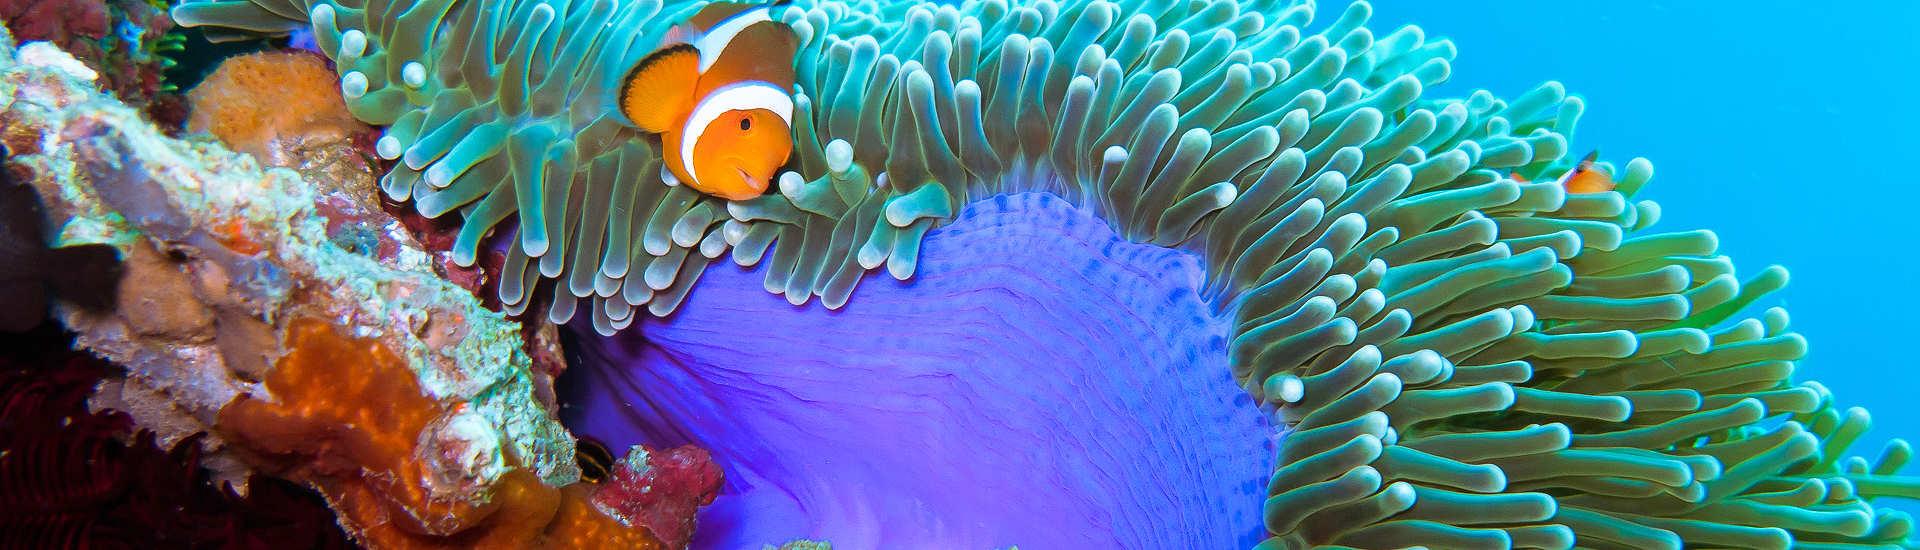 Nemo vor Negros